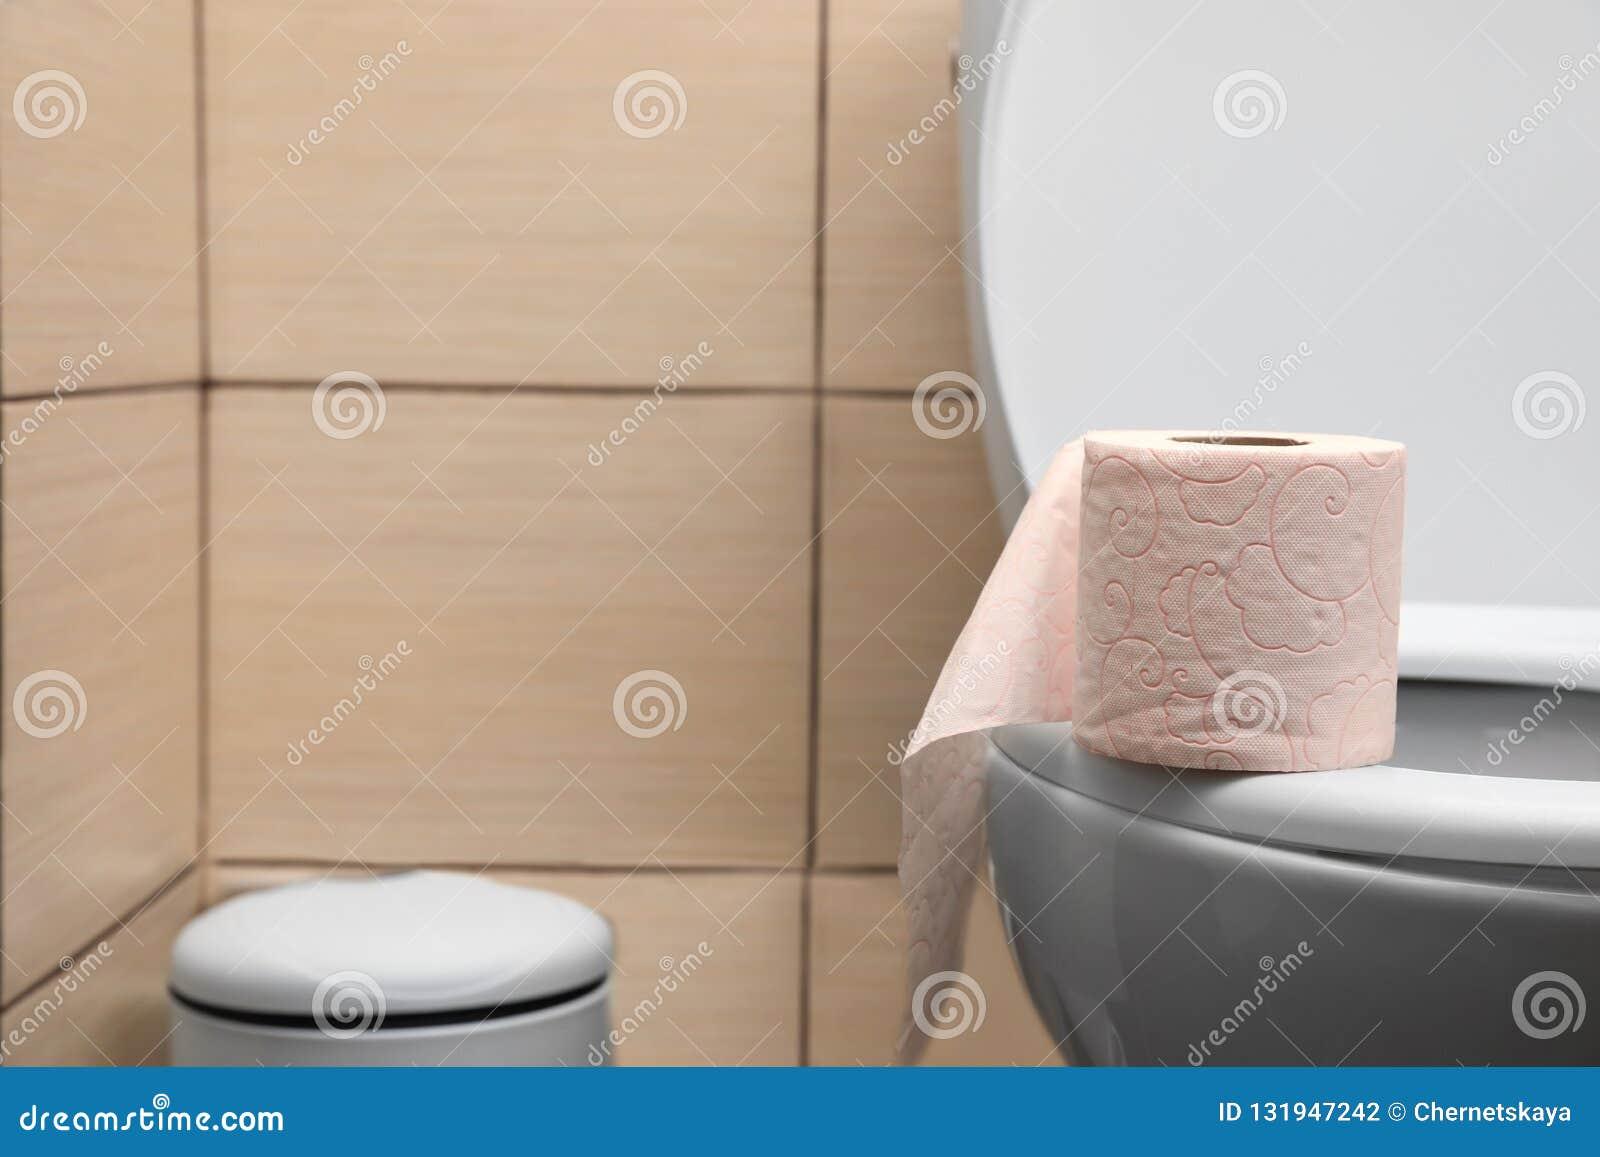 Papier Salle De Bain papier de soie de soie mou sur le siège des toilettes dans